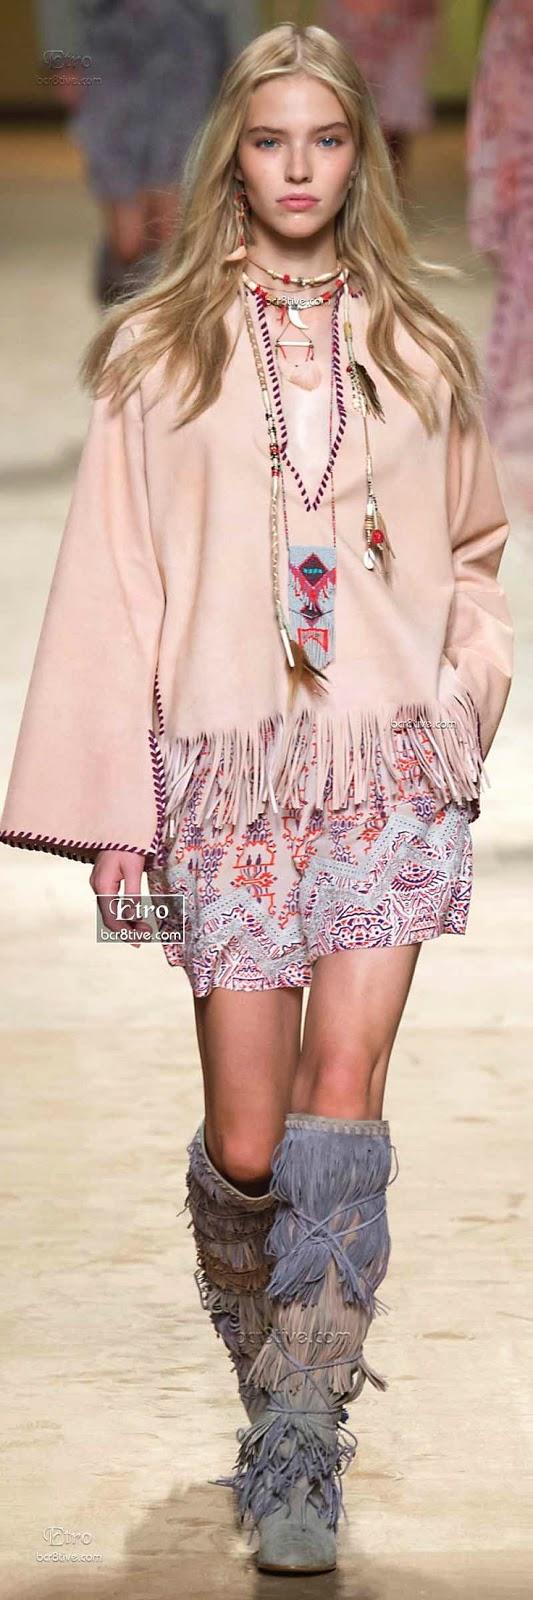 Tendências moda primavera-verão 2015 étnico